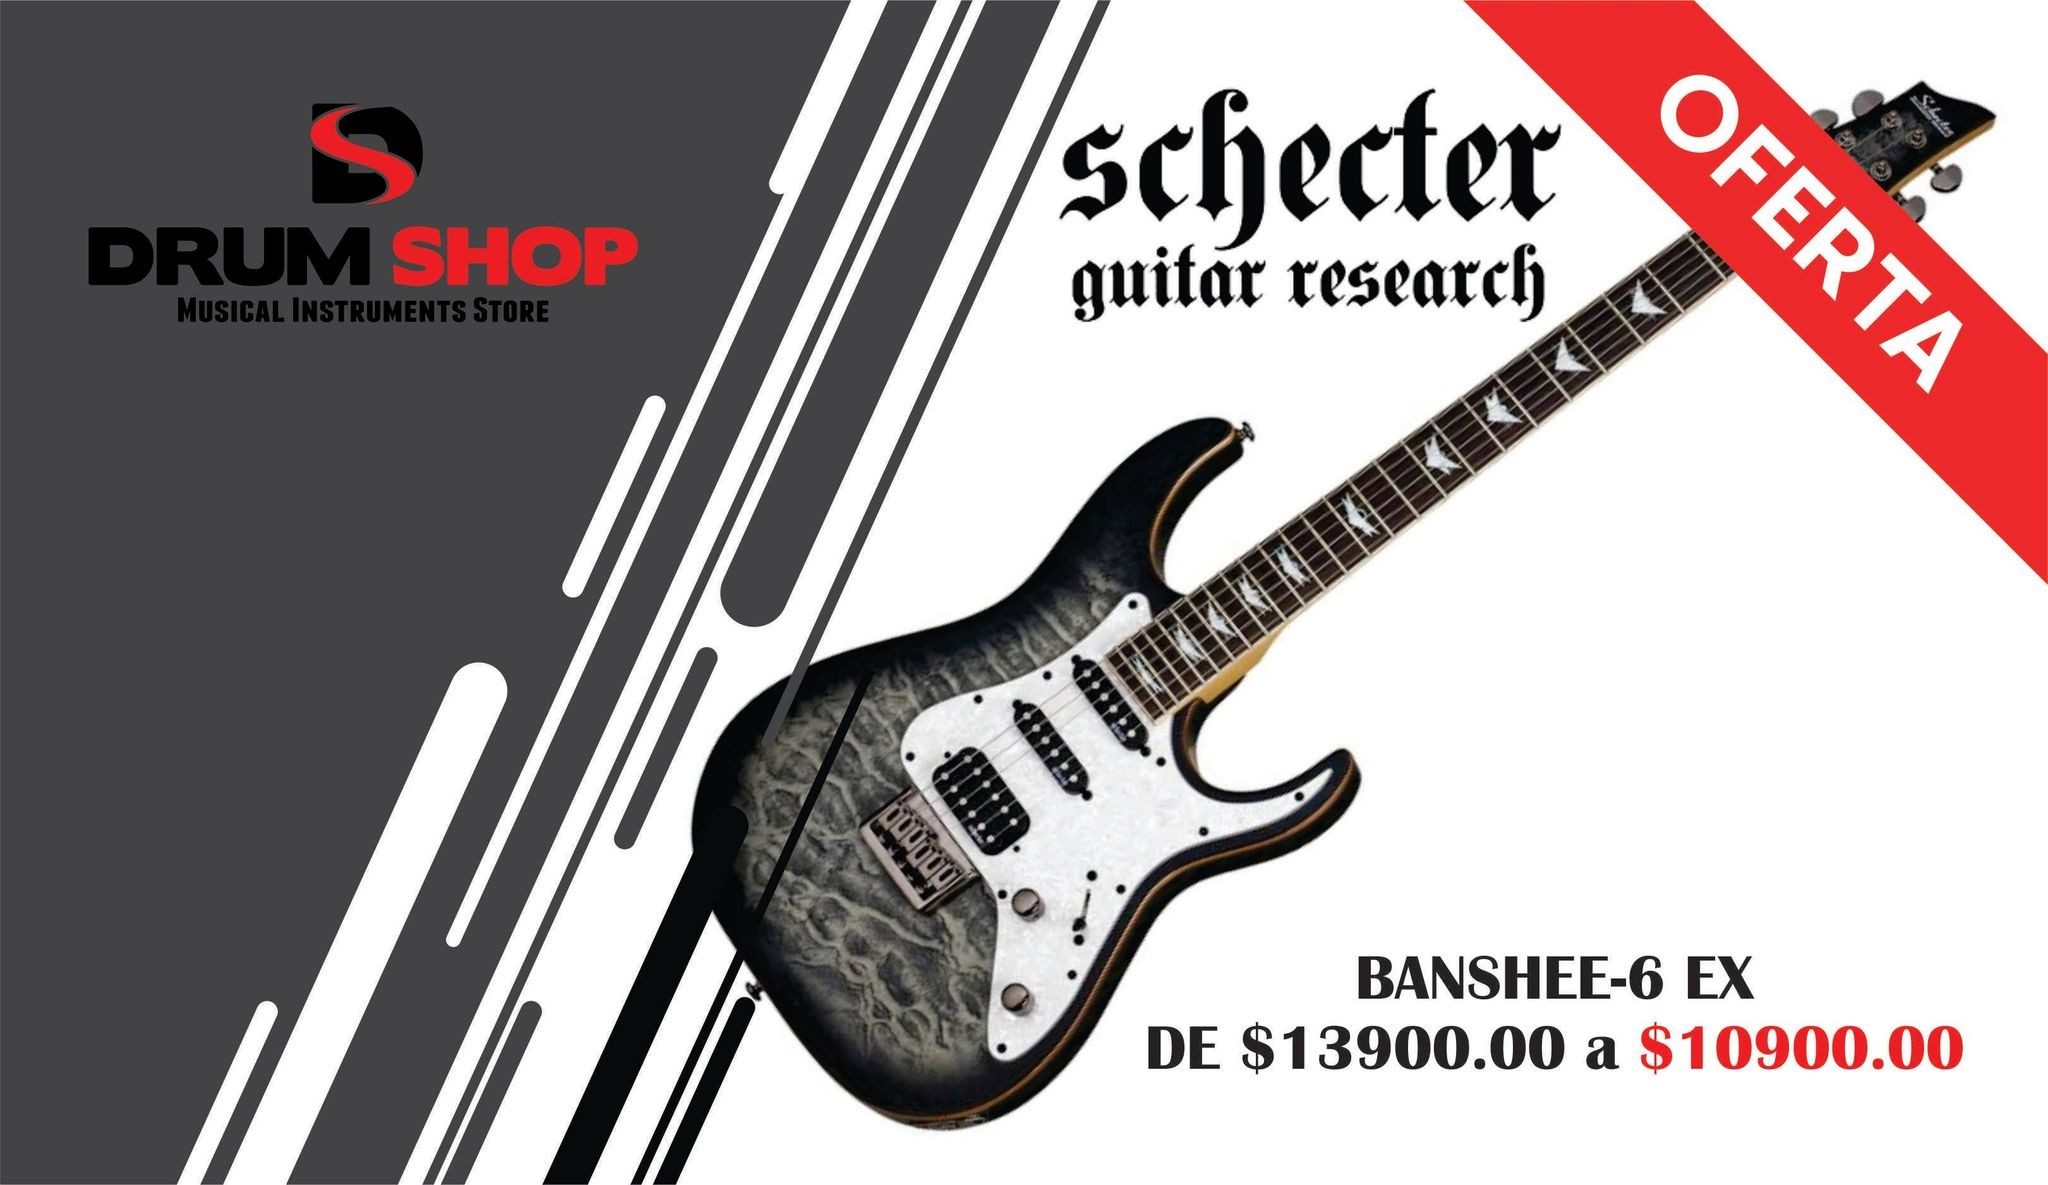 BANSHEEE-6 EX